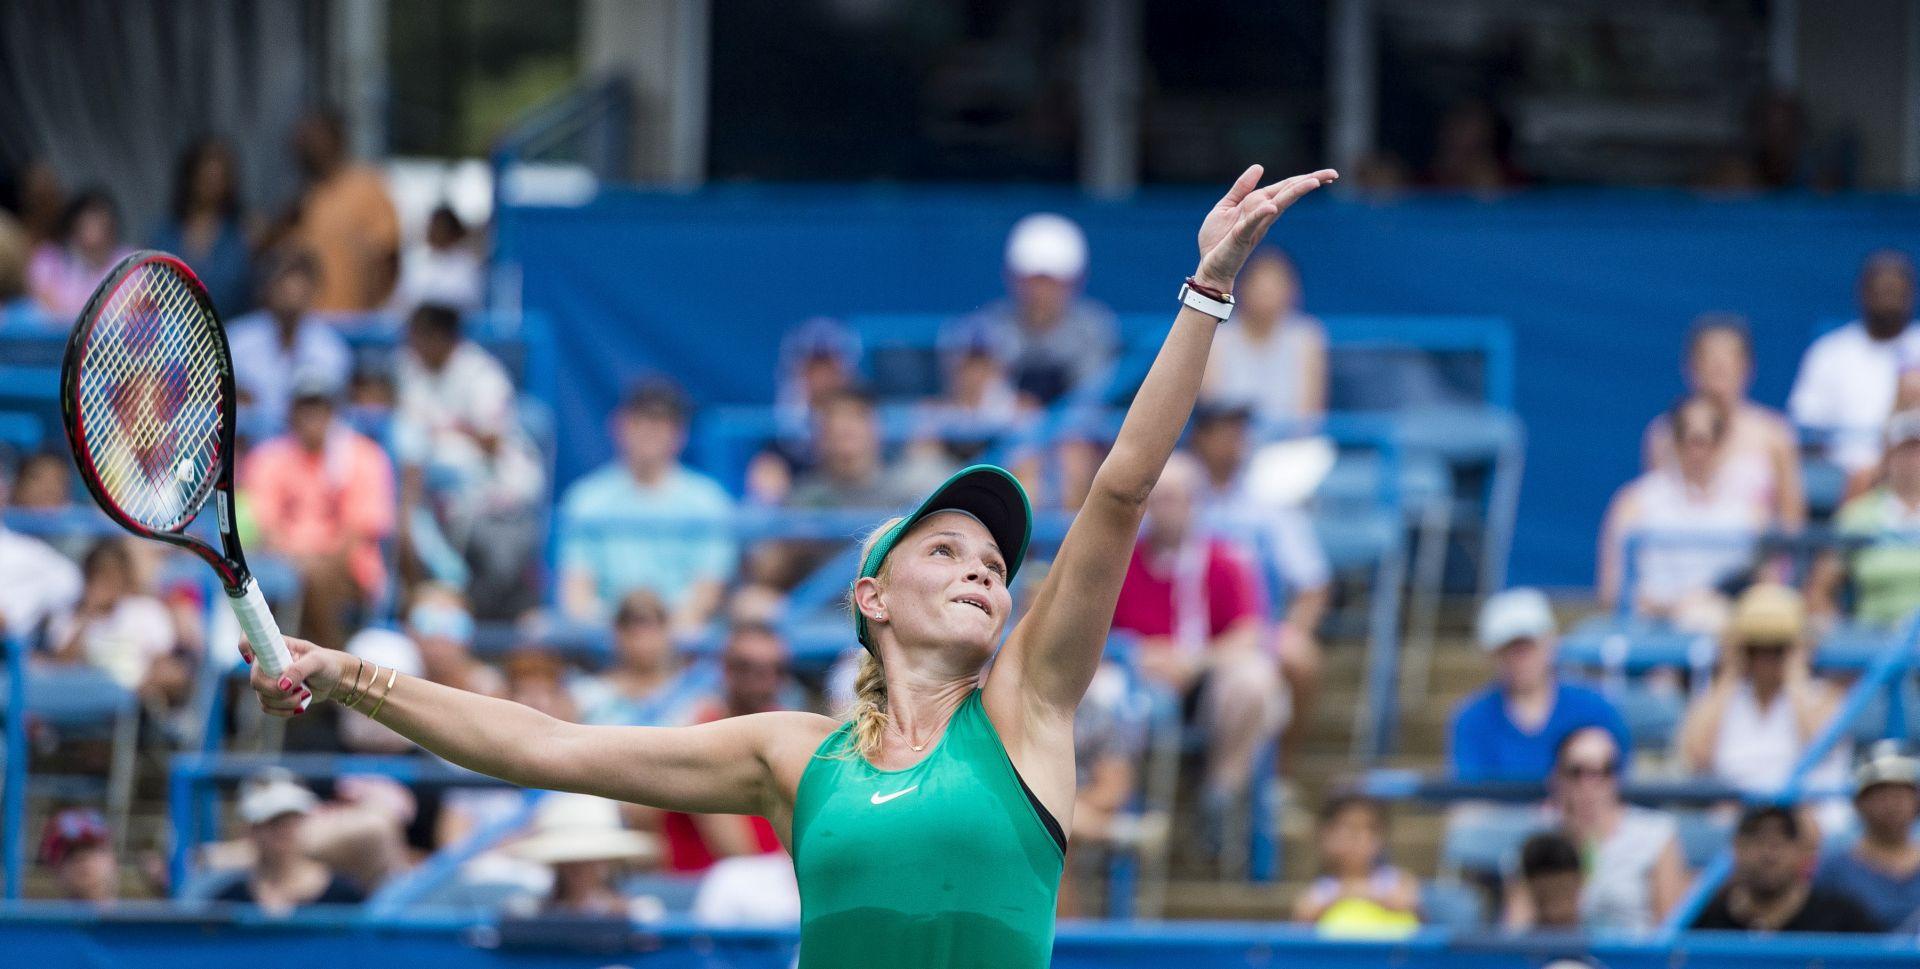 WTA LJESTVICA Vekić napredovala do 37. mjesta